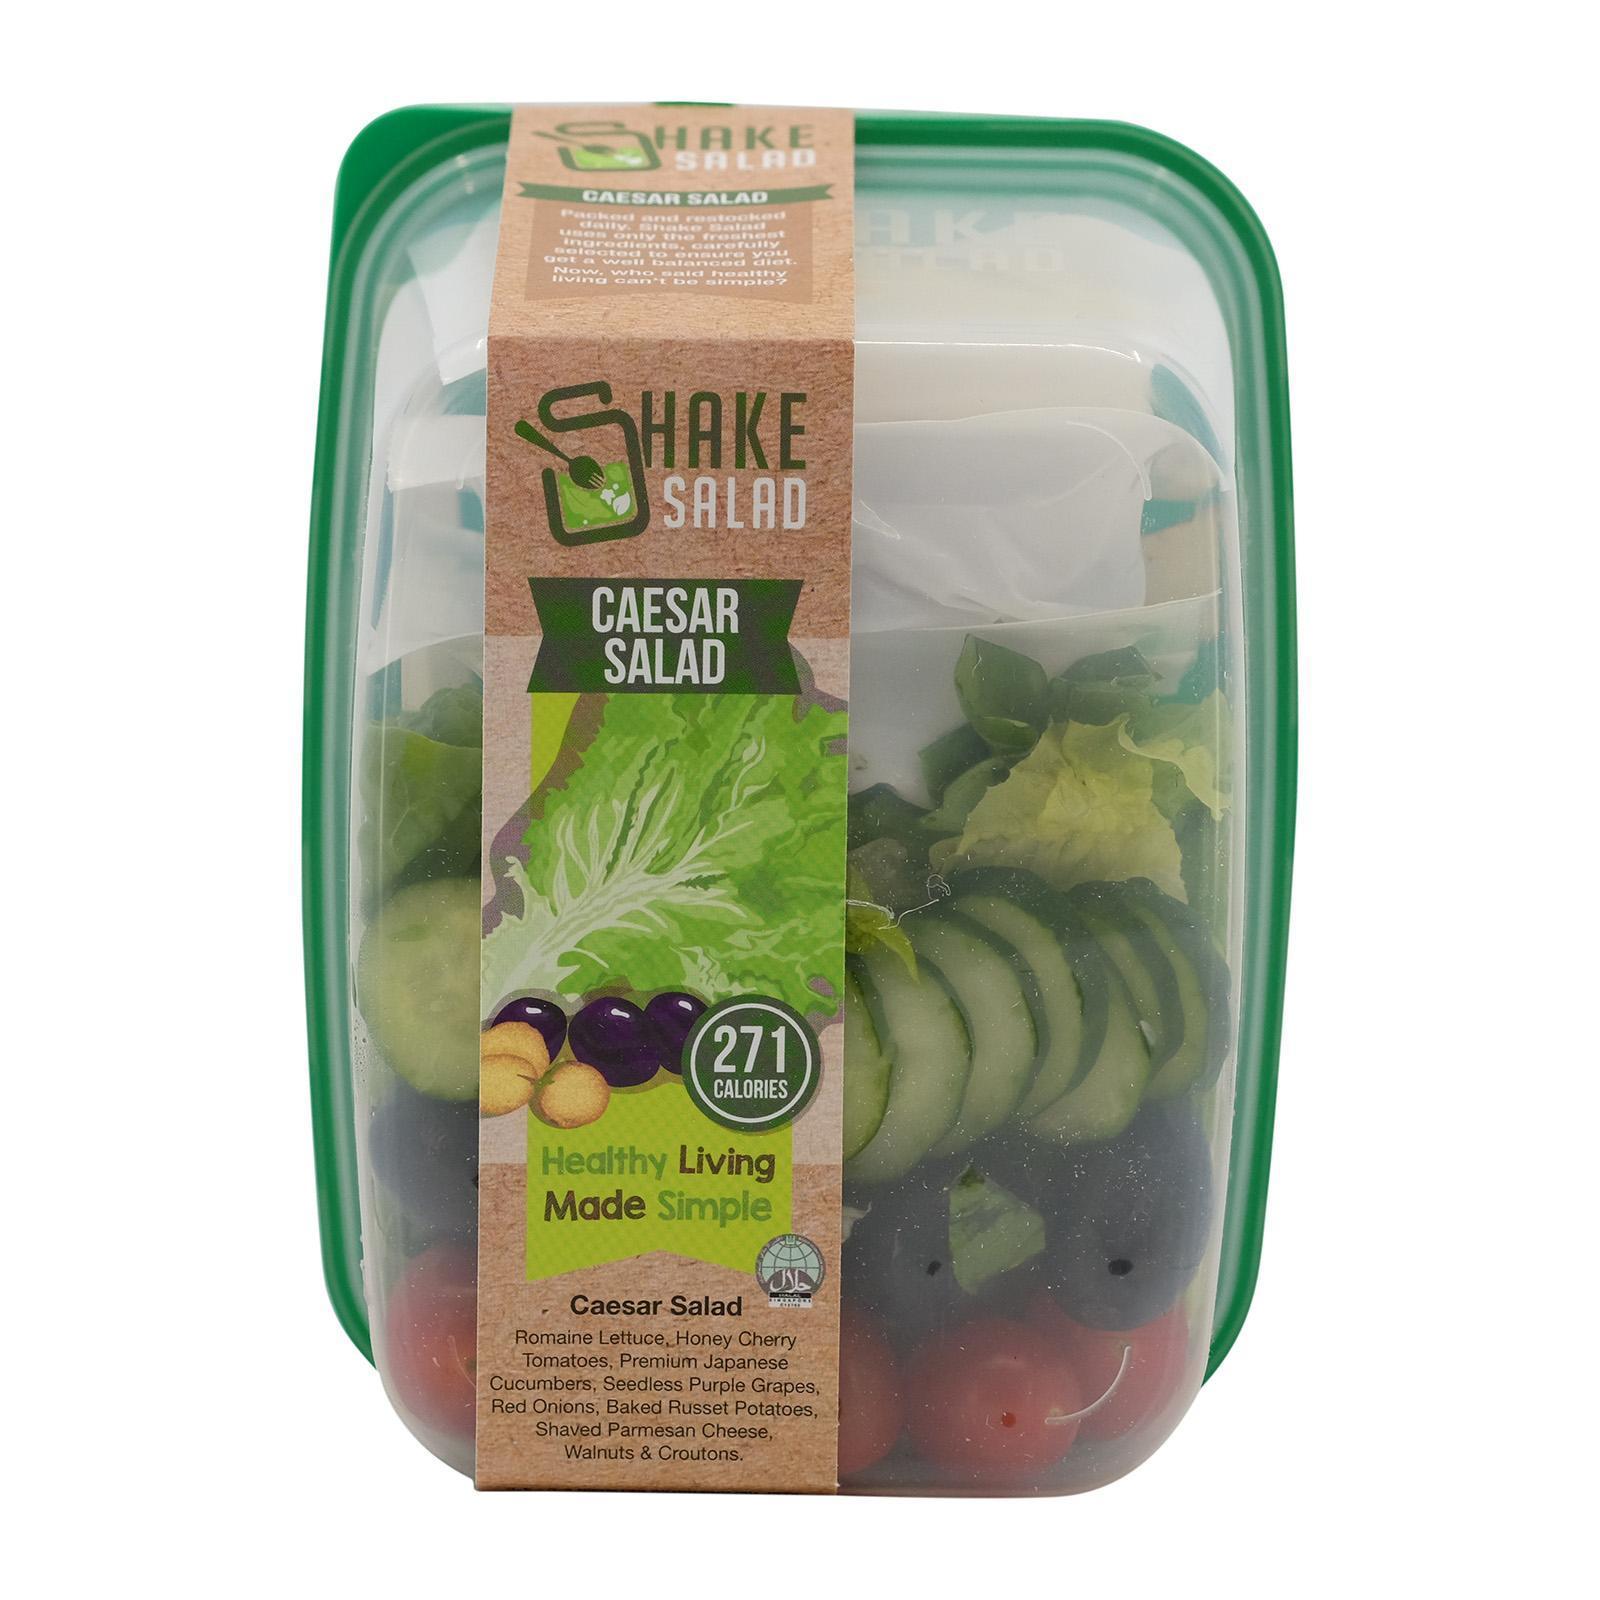 Shake Salad Caesar Salad